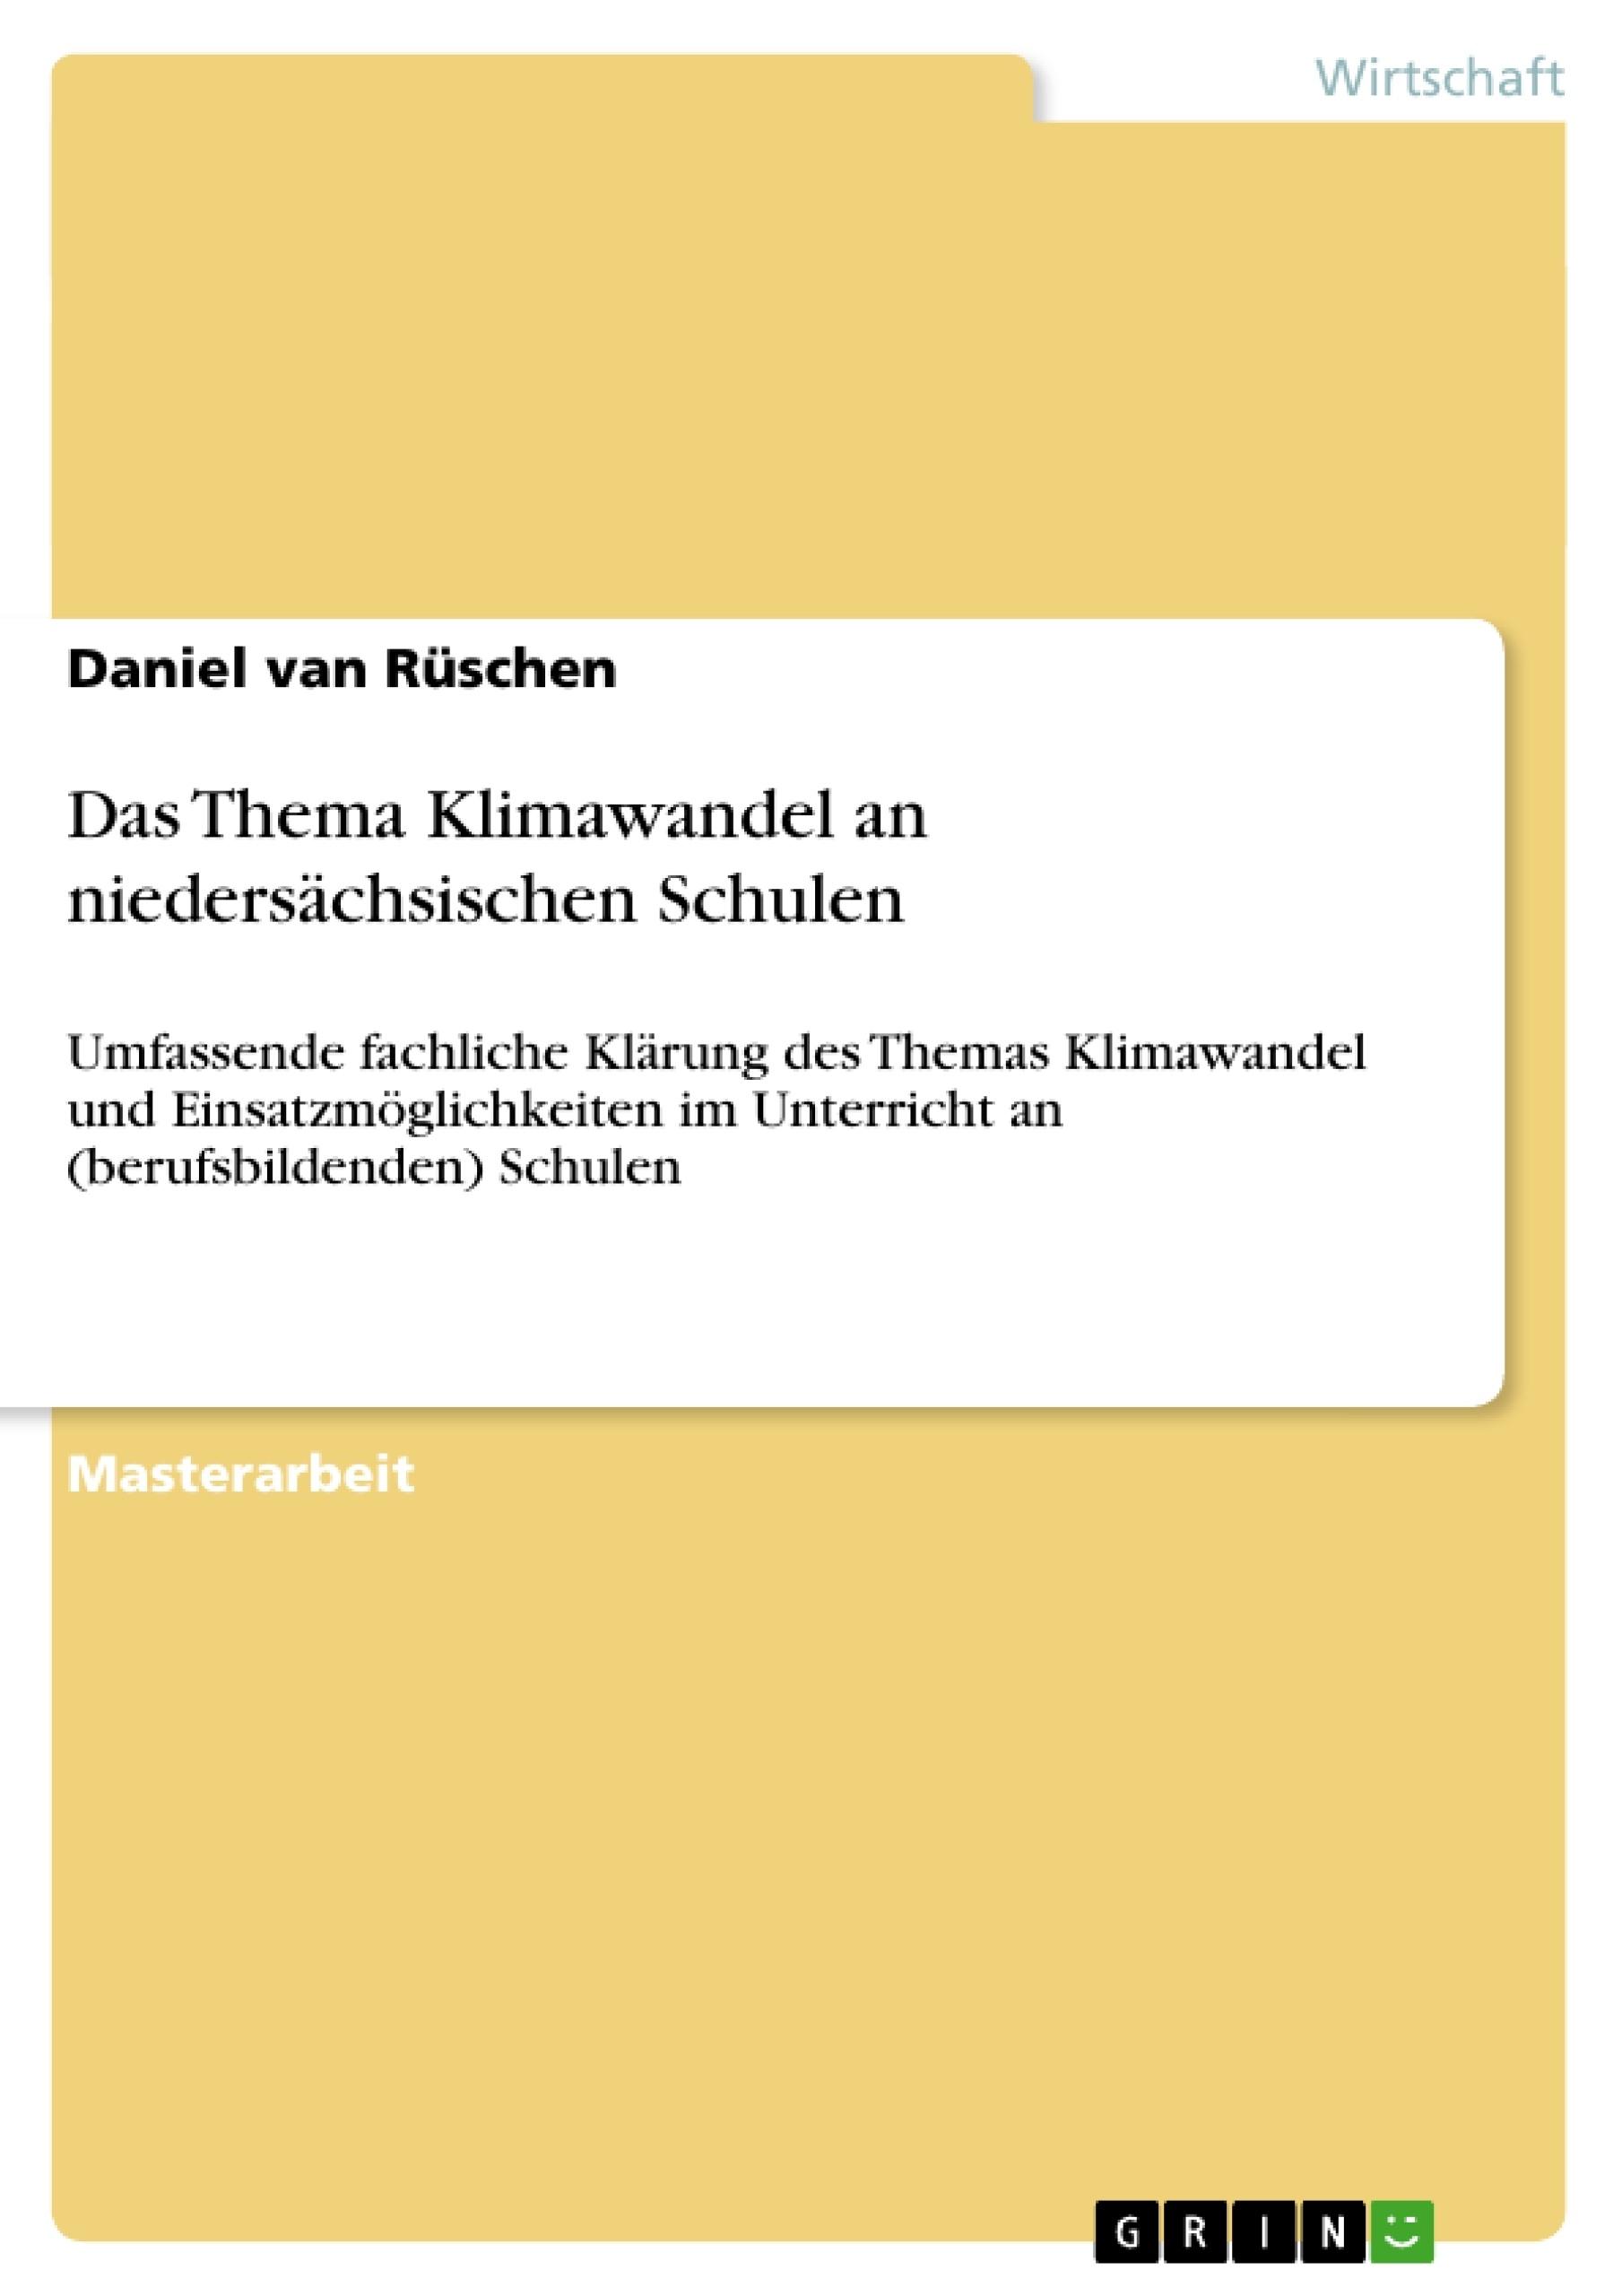 Titel: Das Thema Klimawandel an niedersächsischen Schulen